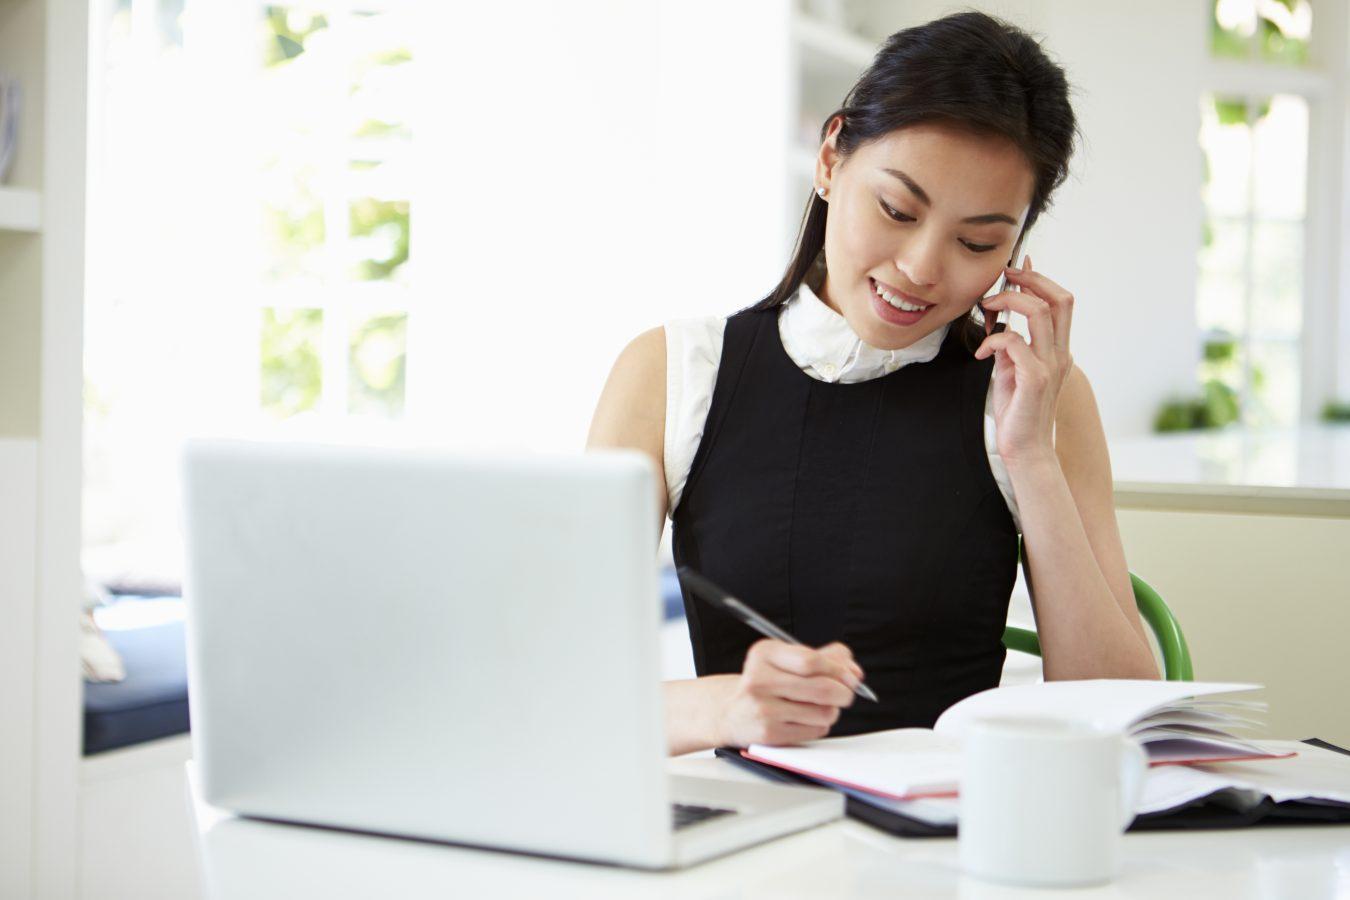 The Benefits of Flexible Work Arrangements